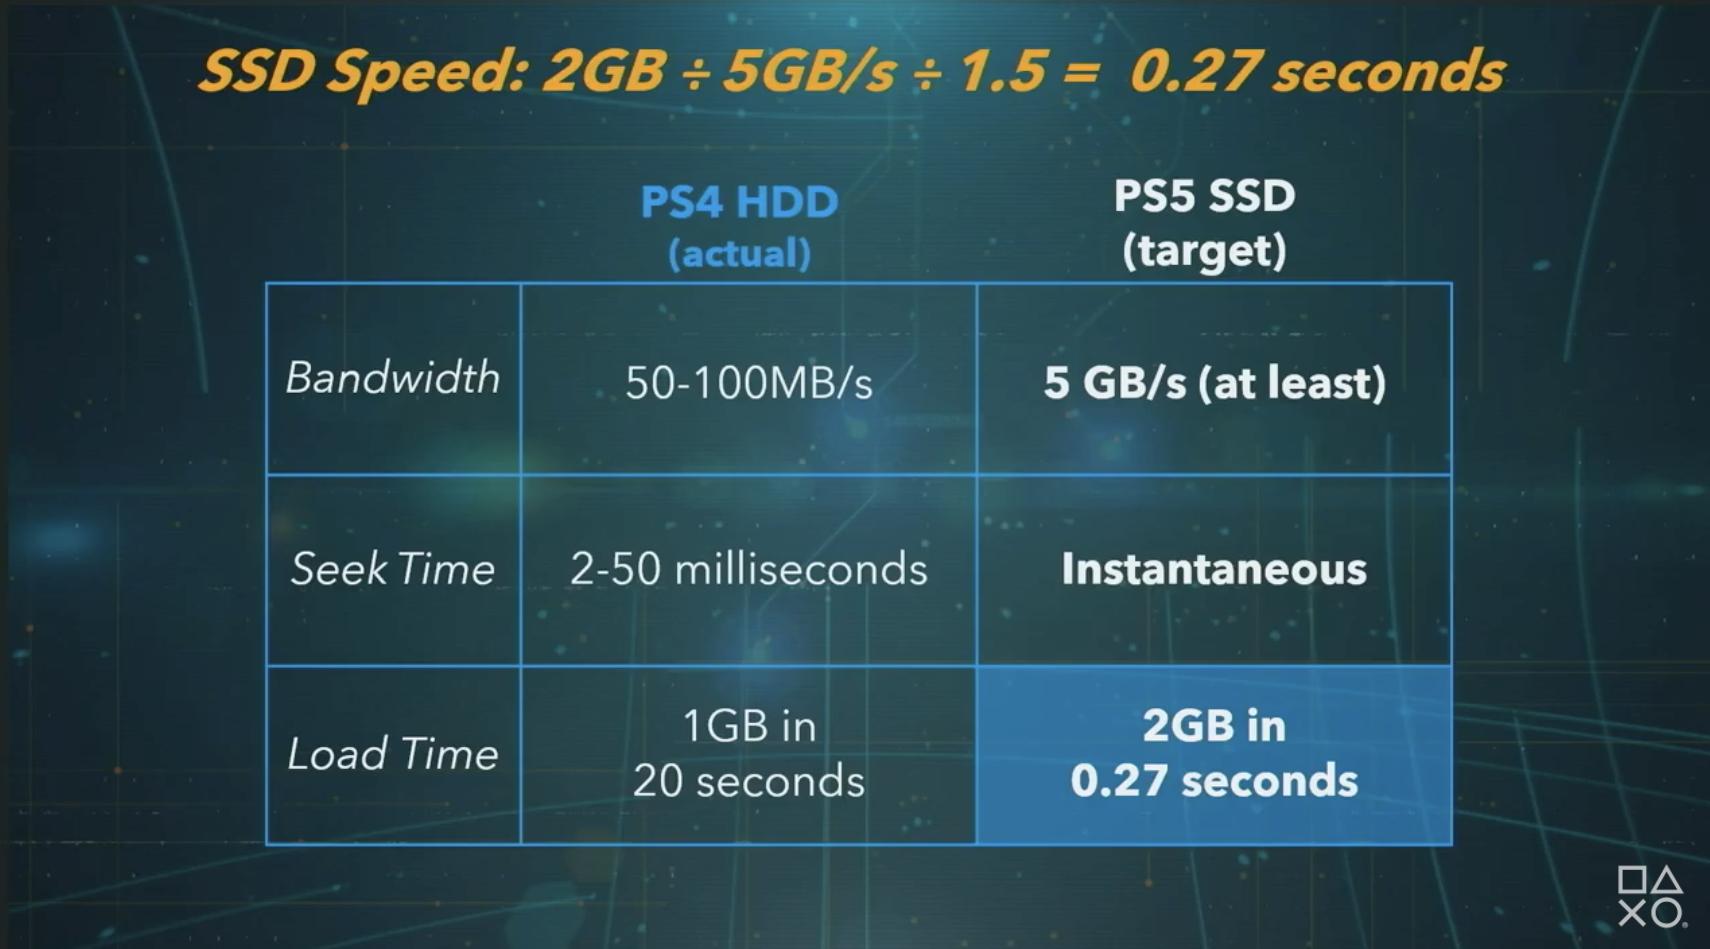 Disque Dur PS4 et PS5 Conf Mars 2020